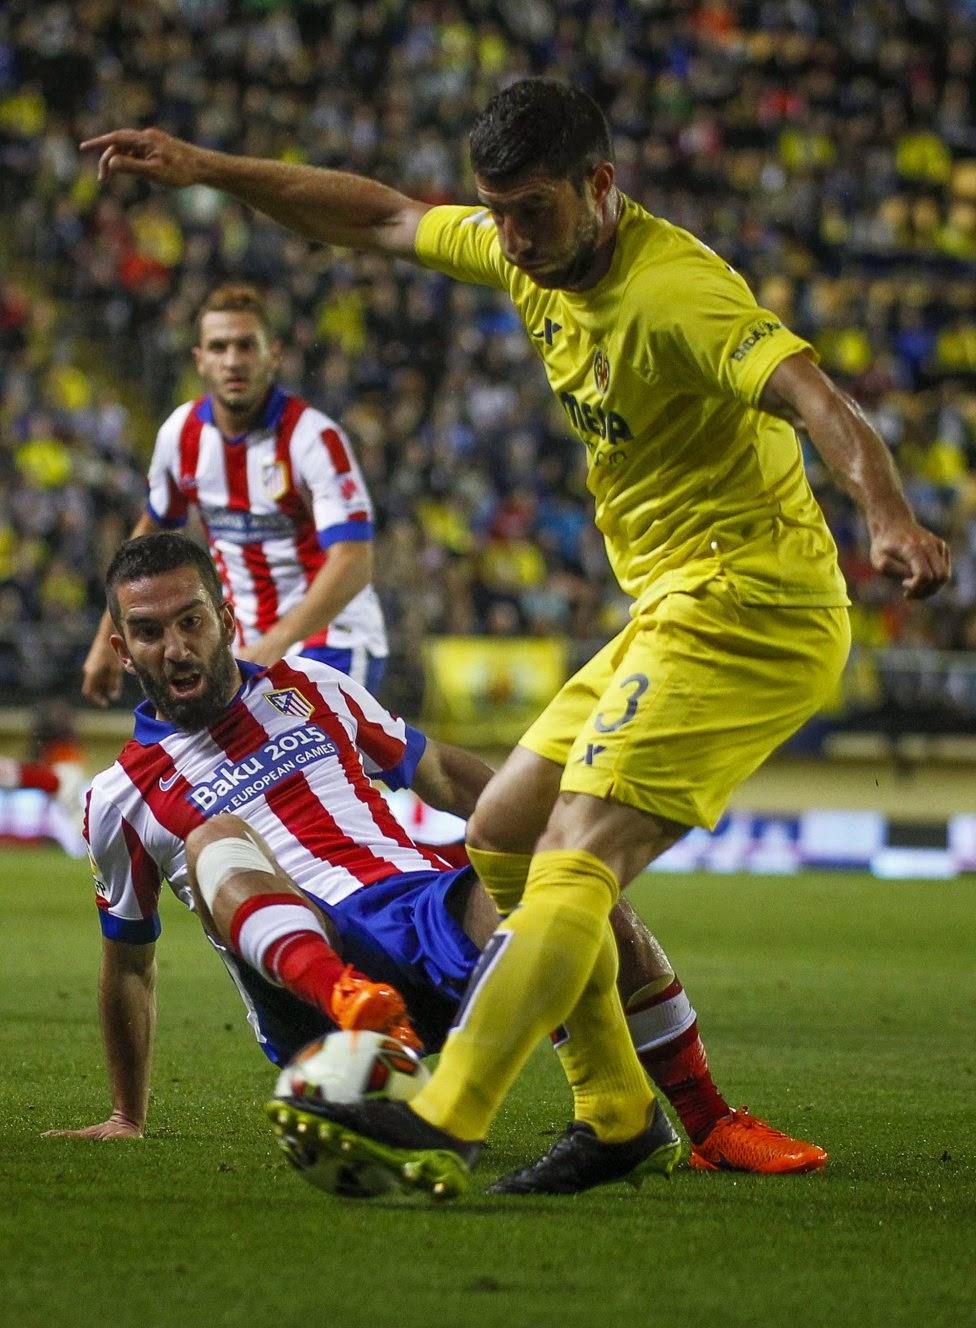 Liga Spain Soccer 2015